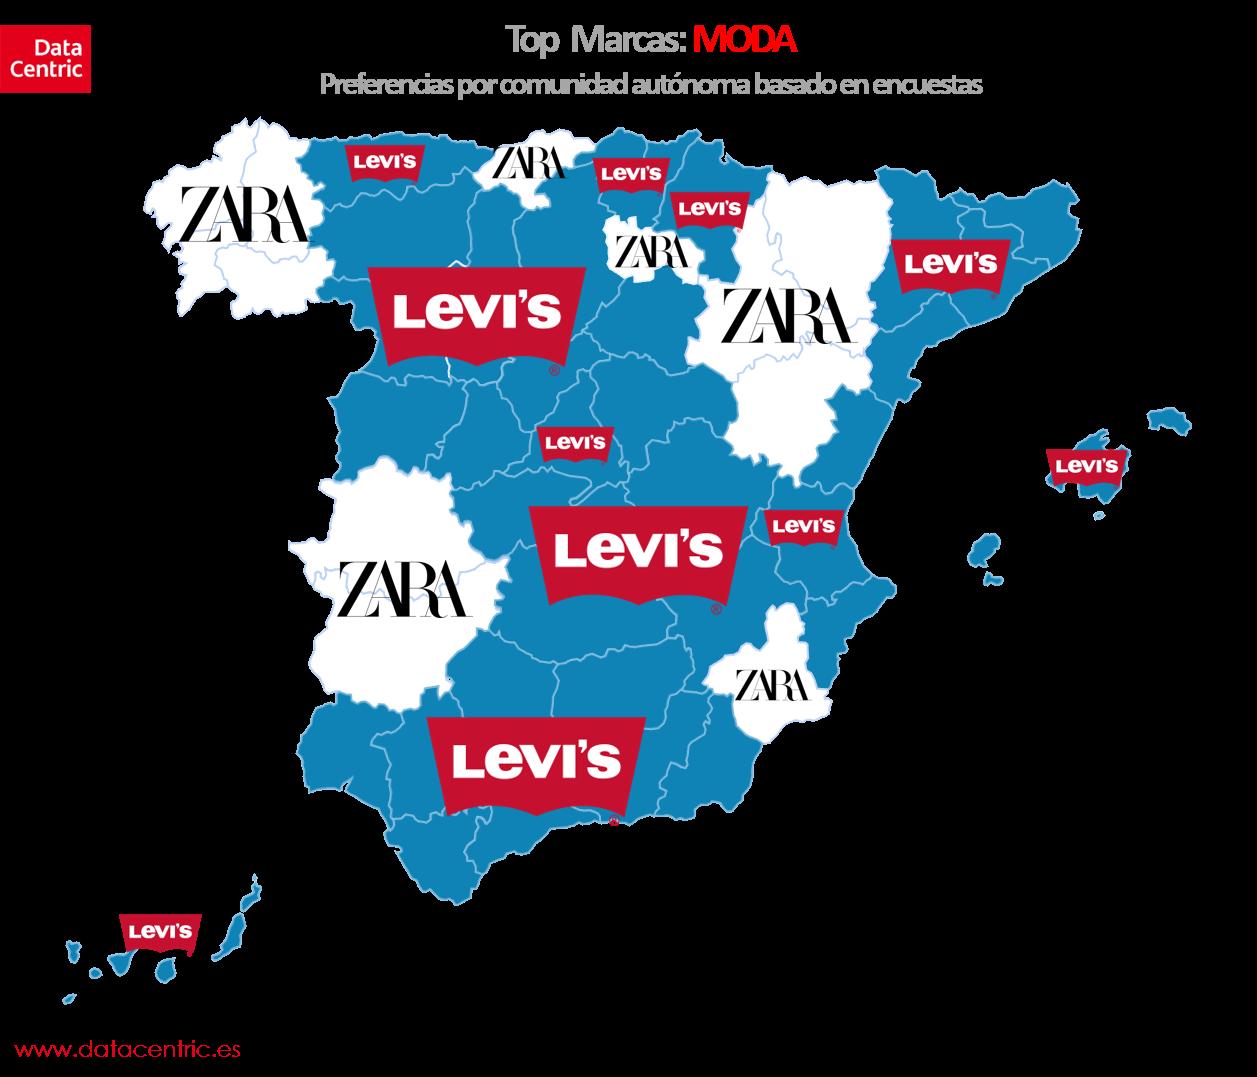 Mapa de top marcas de moda en España